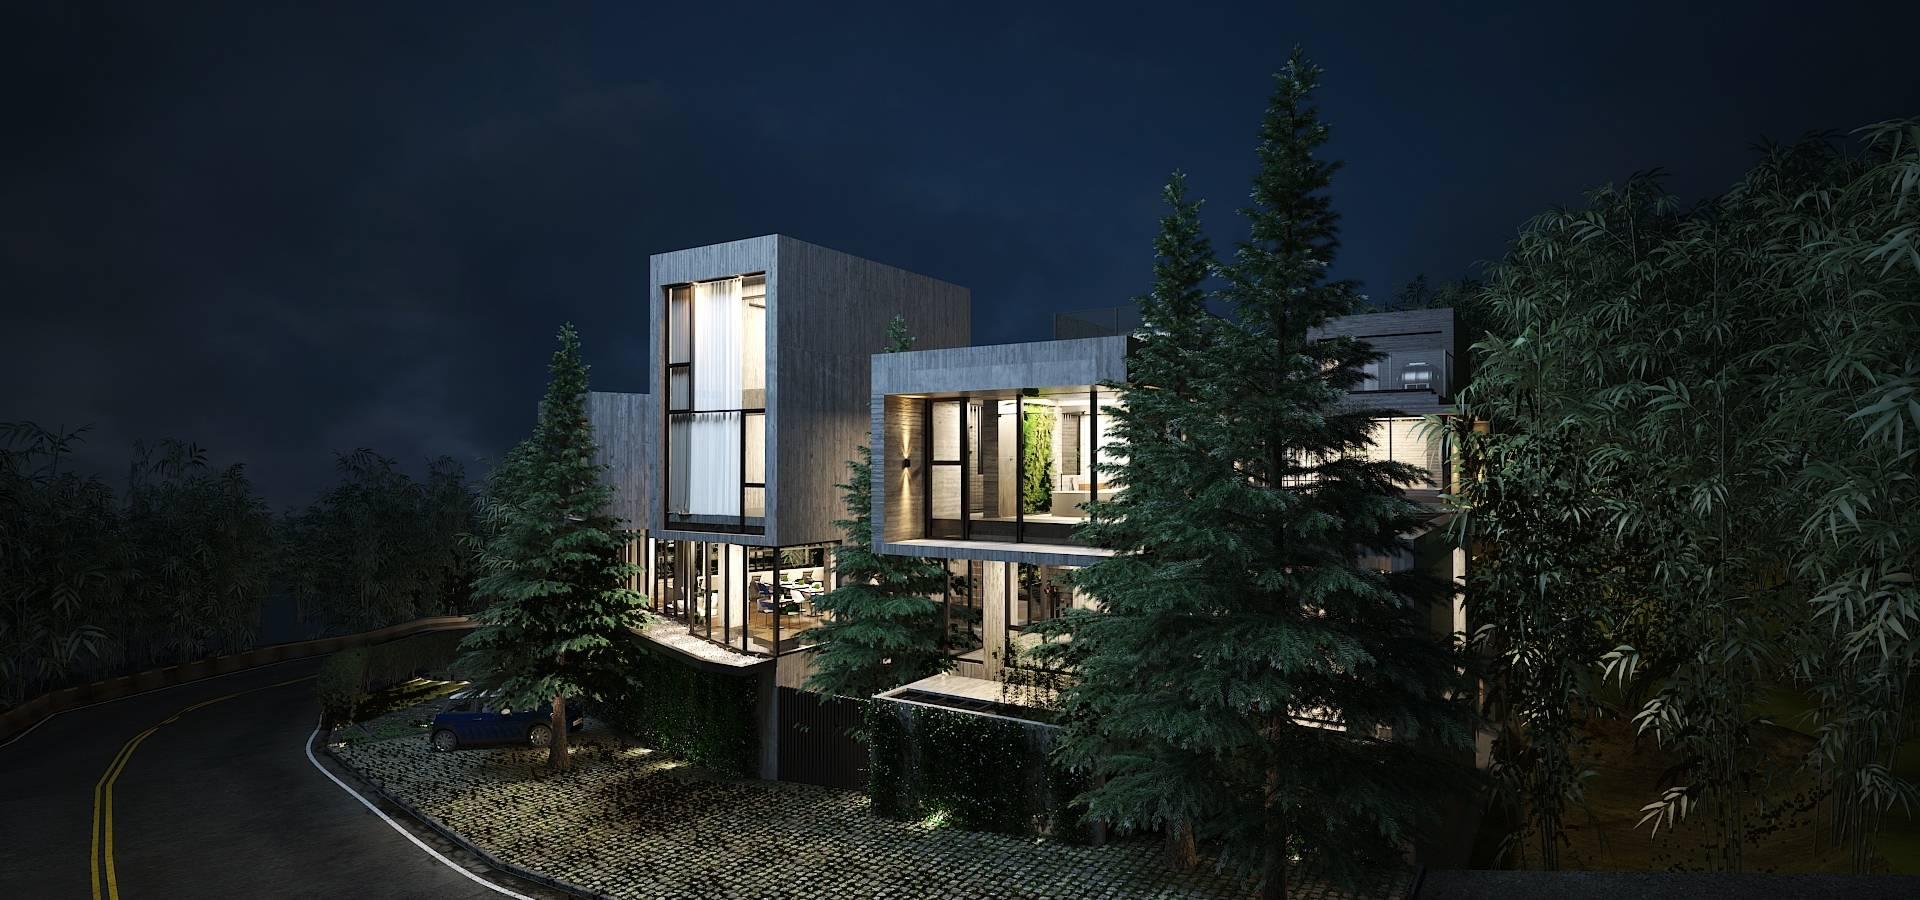 禾御建築室內設計有限公司